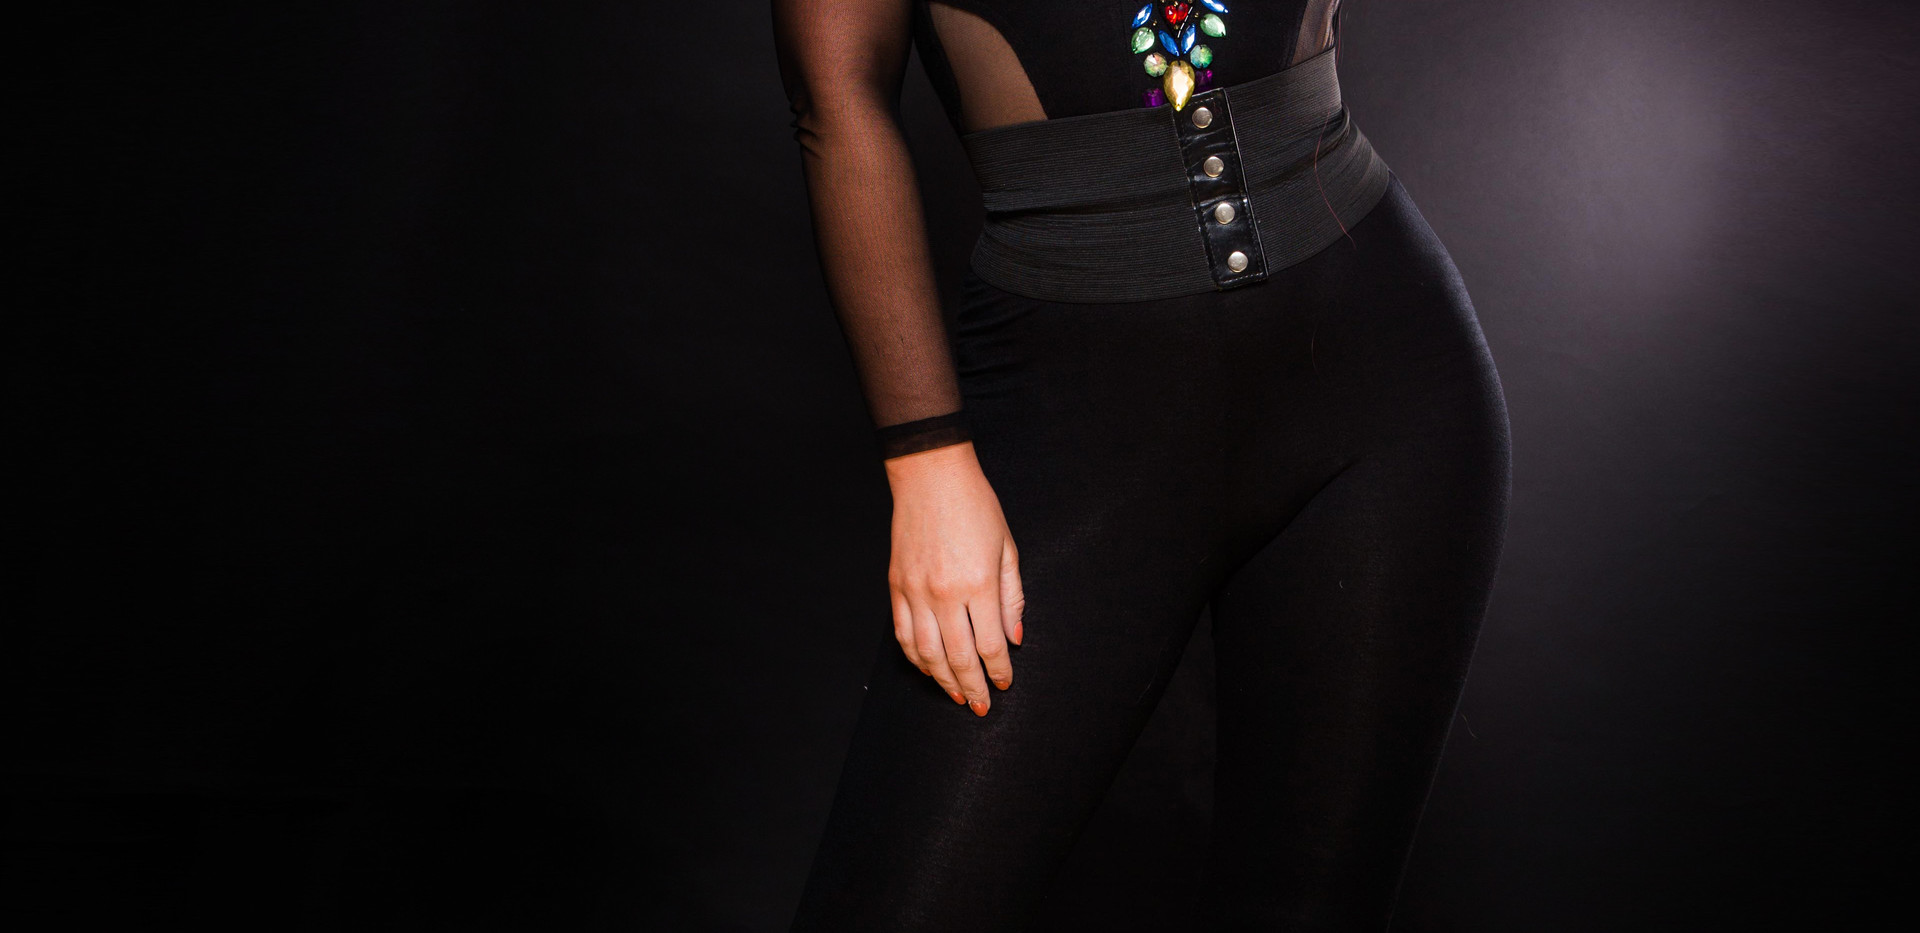 Lauren G as Katy P 3.JPG